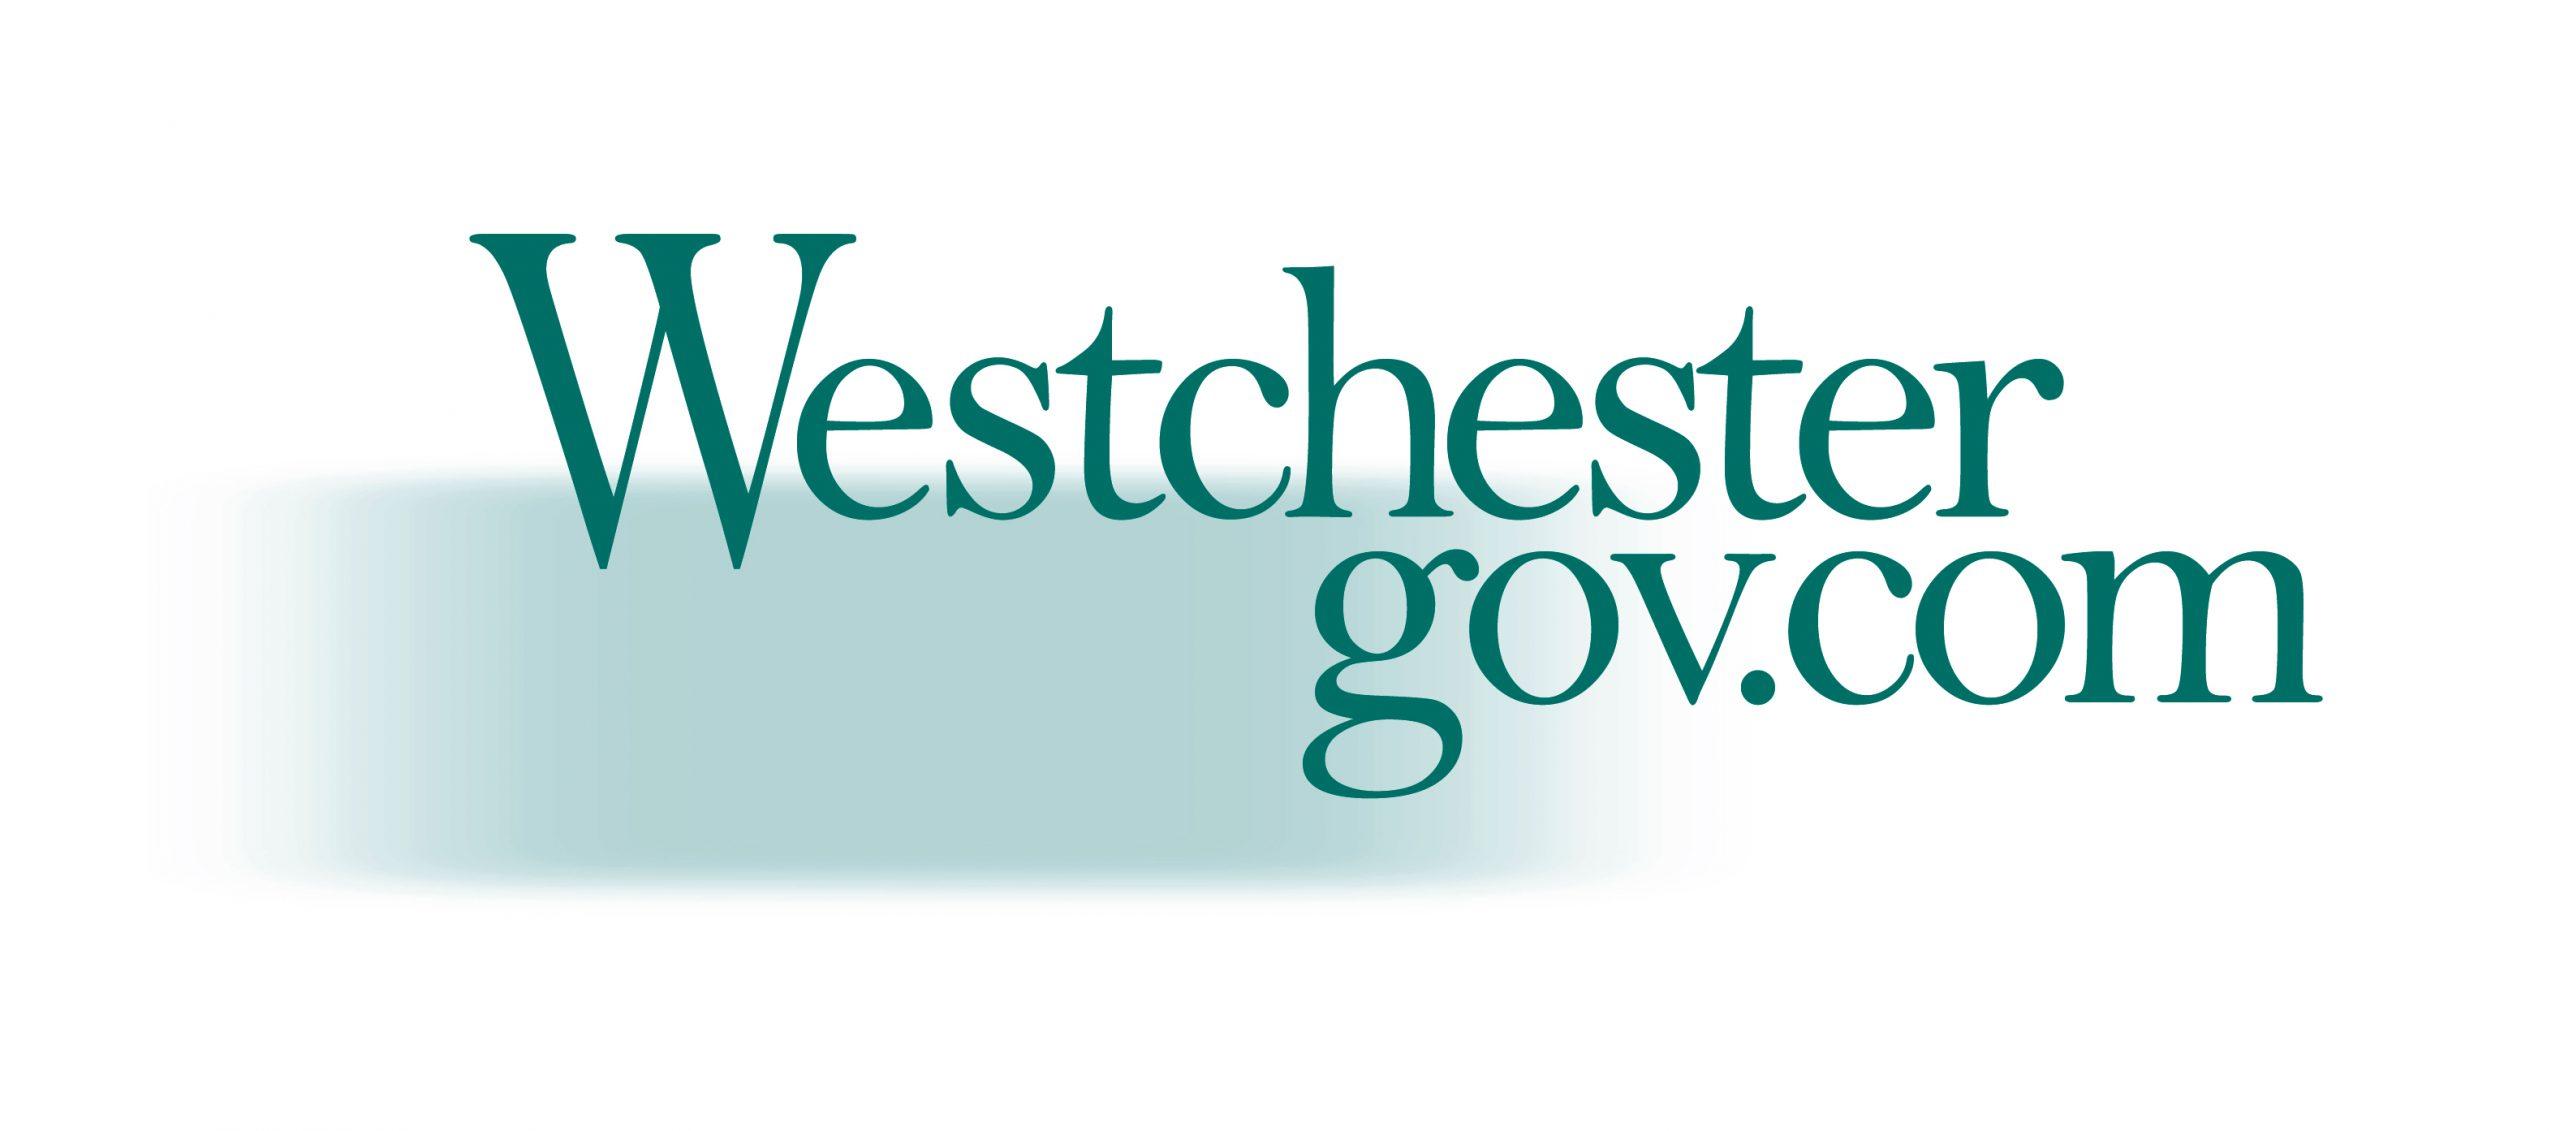 sw westchester.gov.com